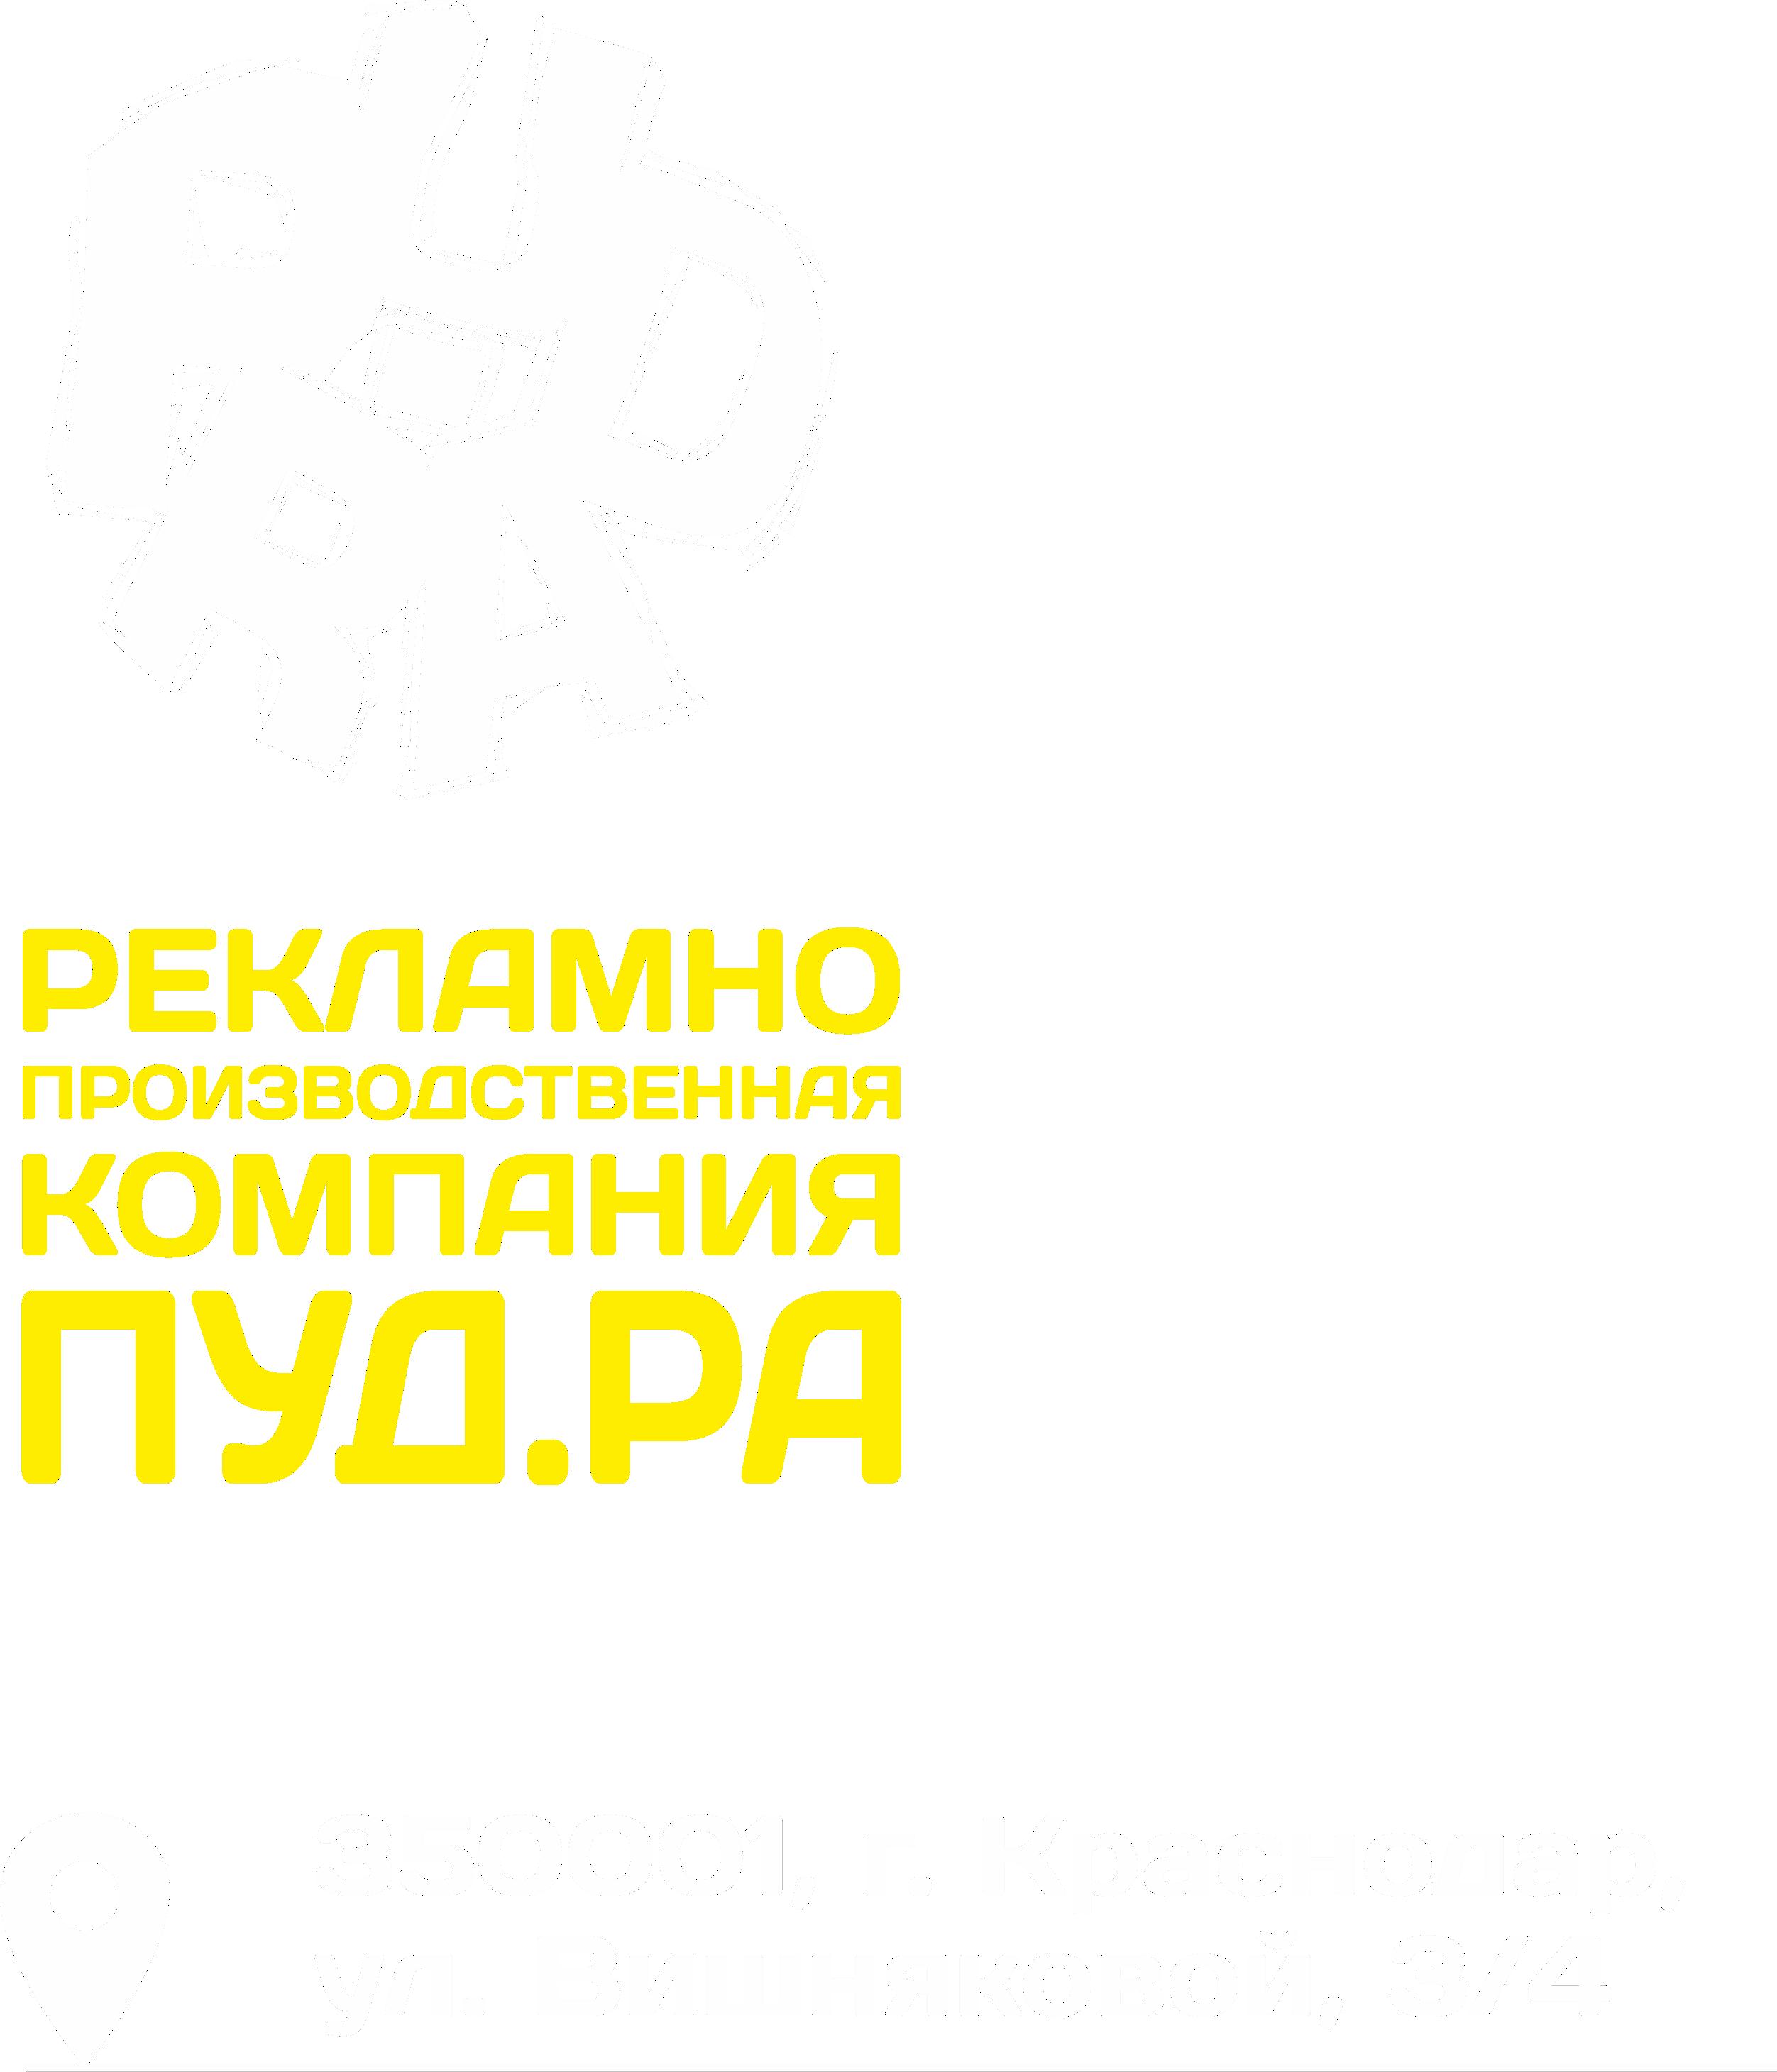 г. Краснодар, ул. Вишняковой, 3/4